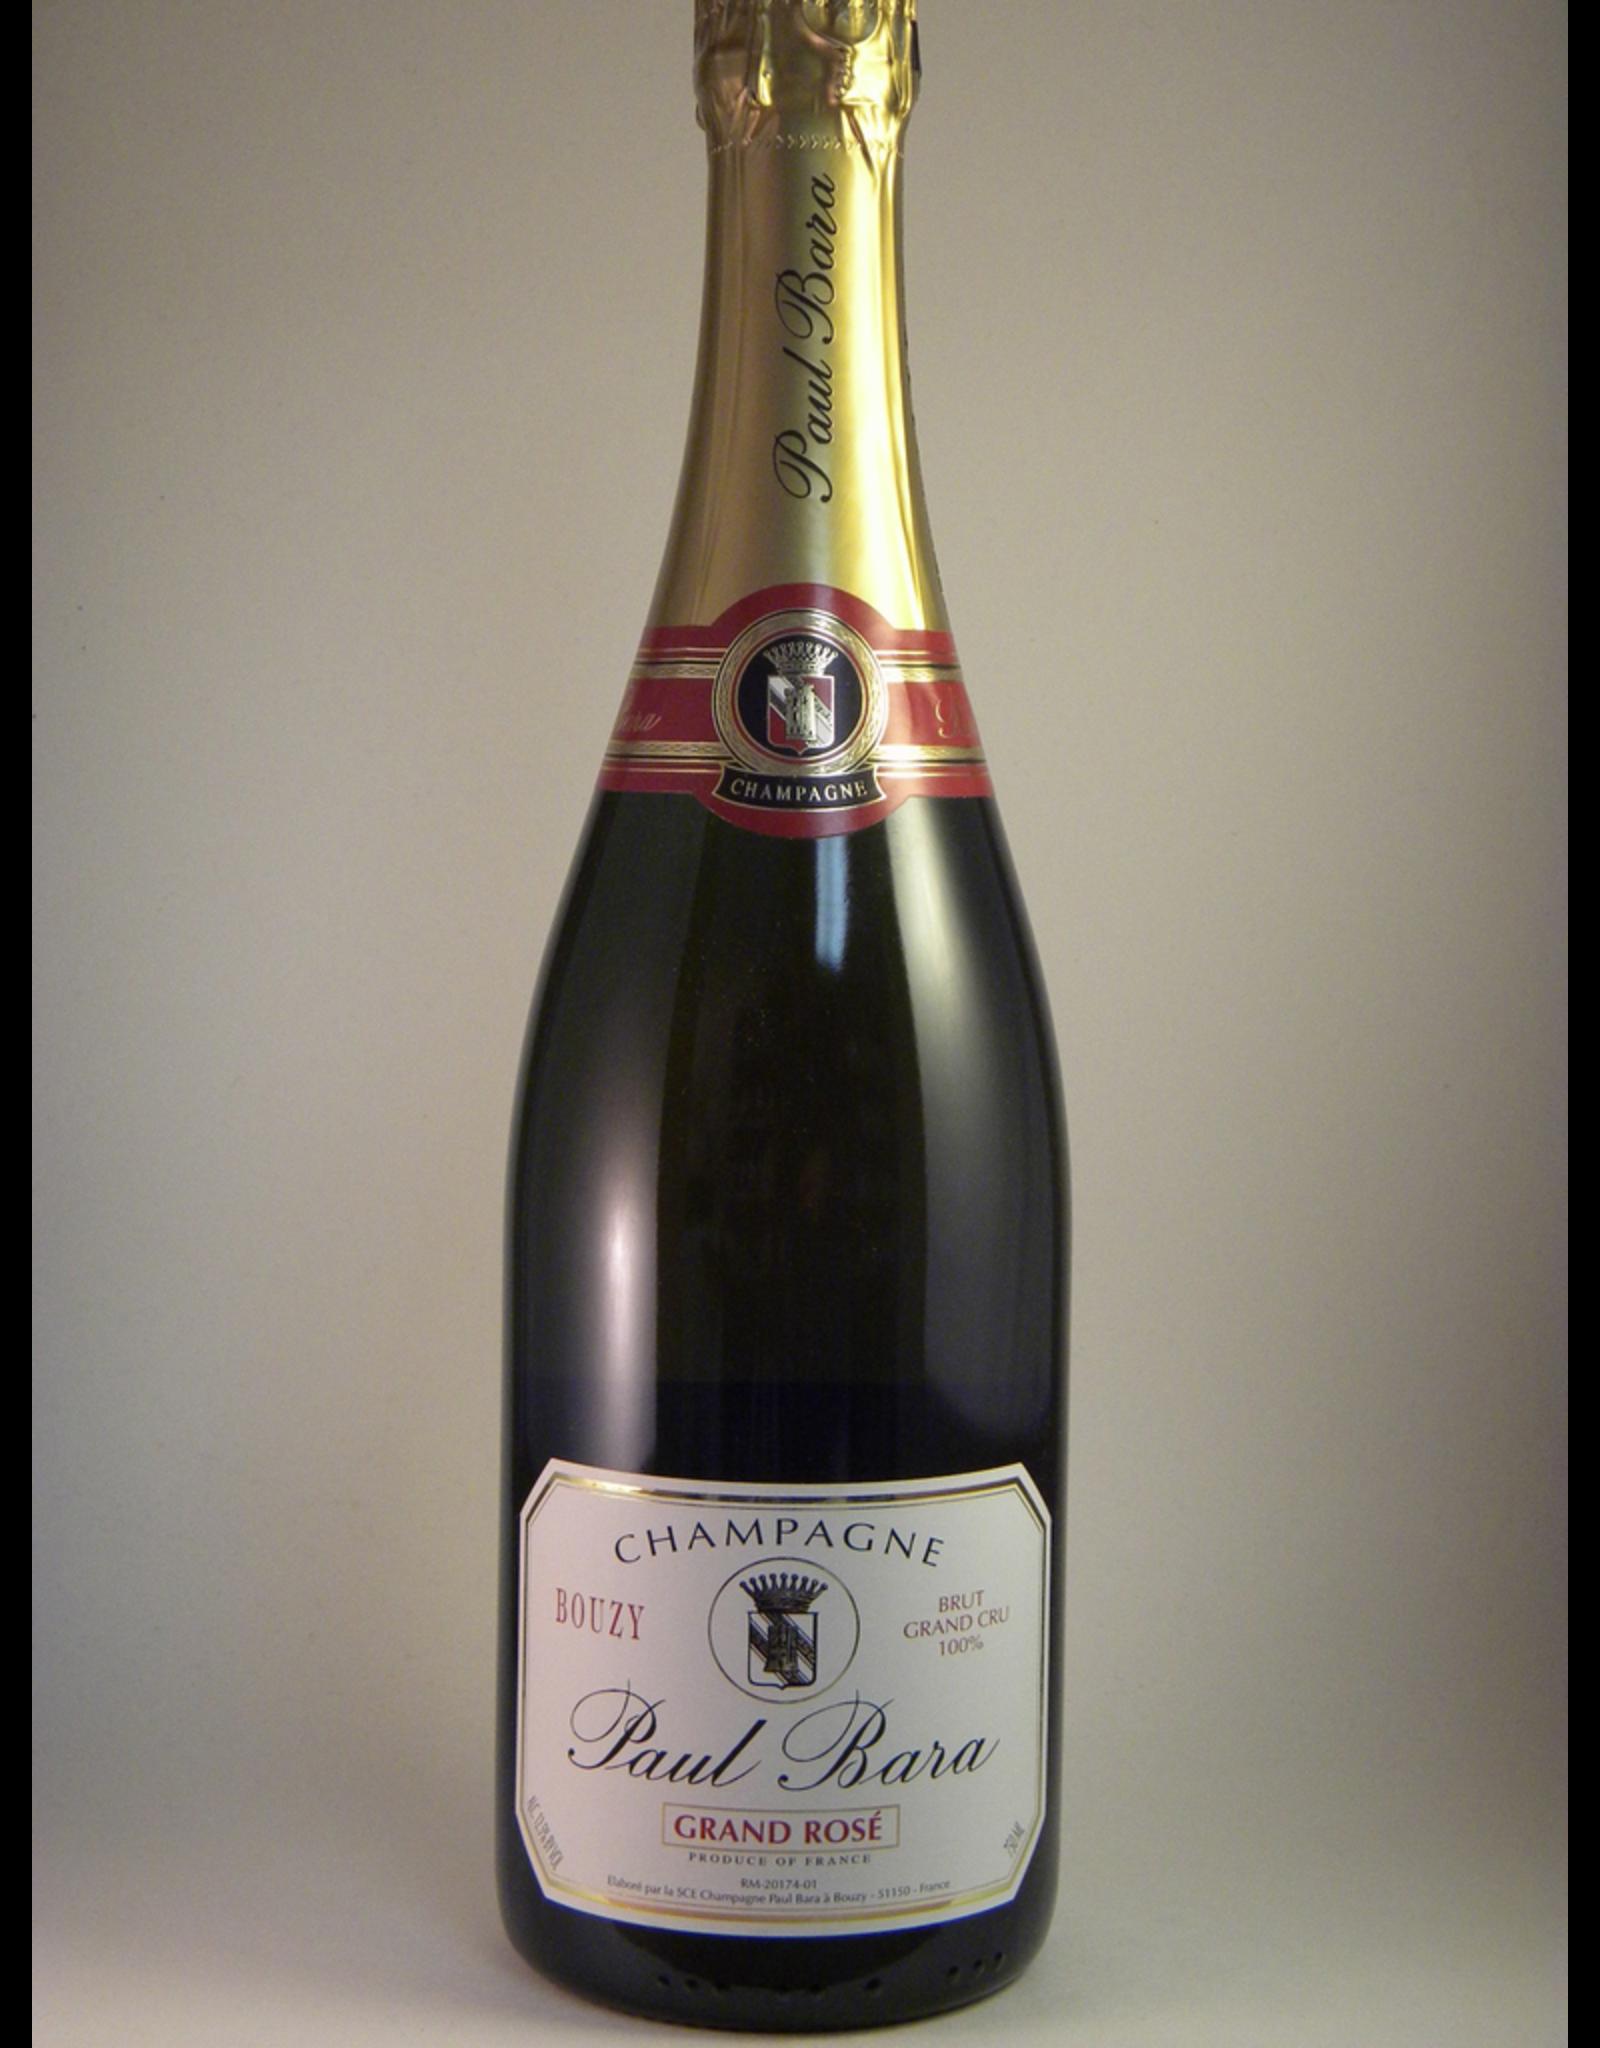 Paul Bara Champagne Grand Rosé Grand Cru NV